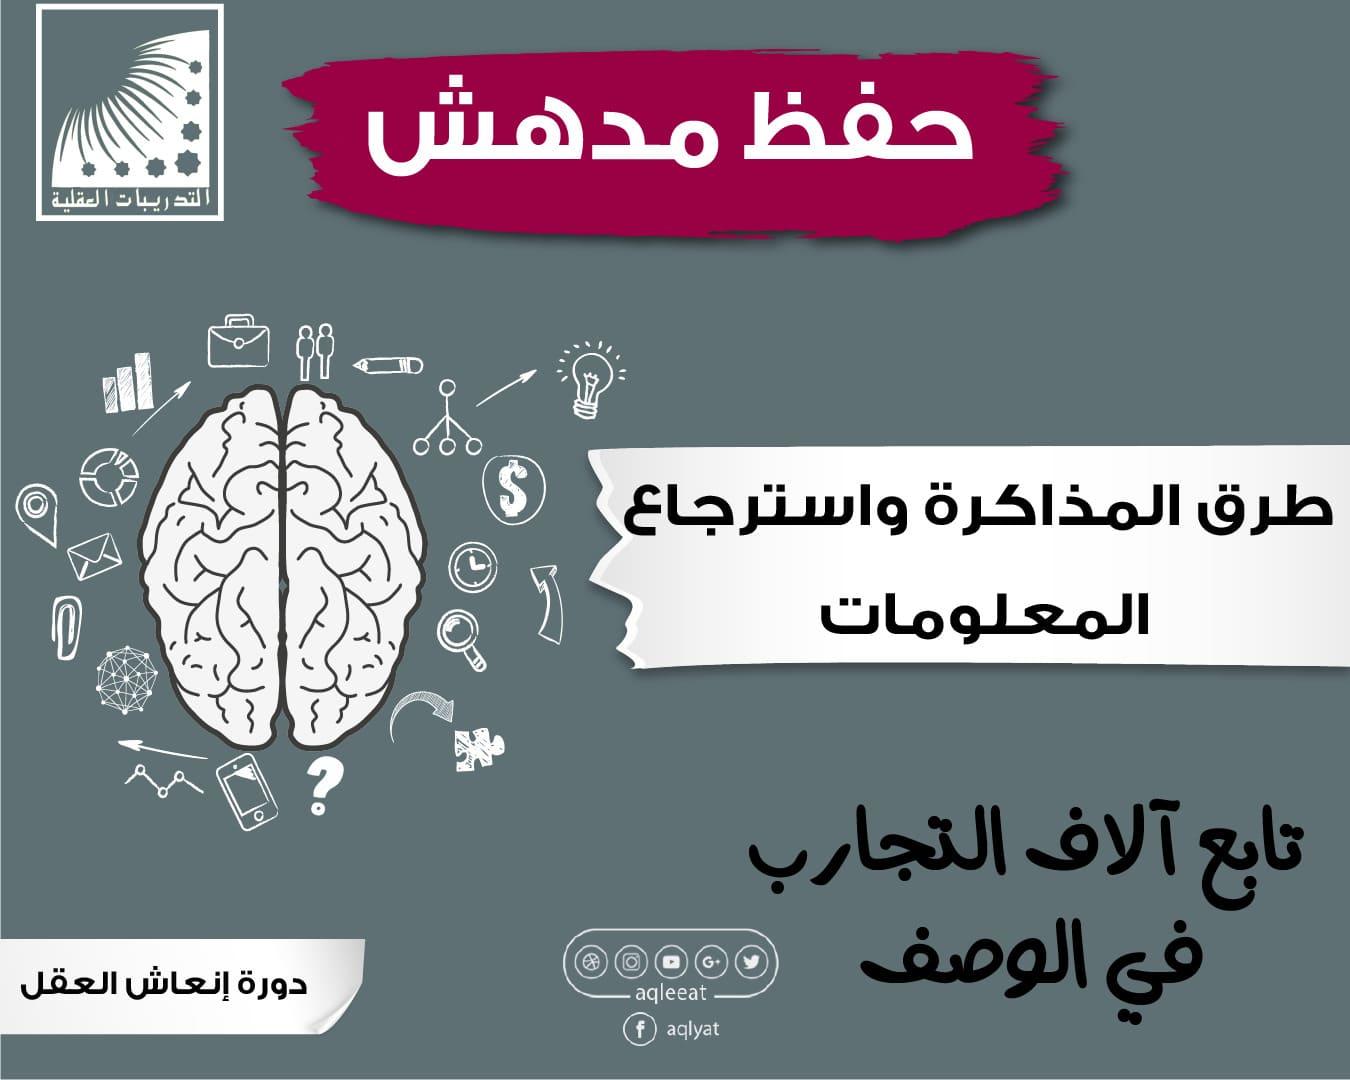 تمارين لتنشيط الدماغ ، الذاكرة القوية والحفظ السريع ، علاج النسيان وضعف الذاكرة